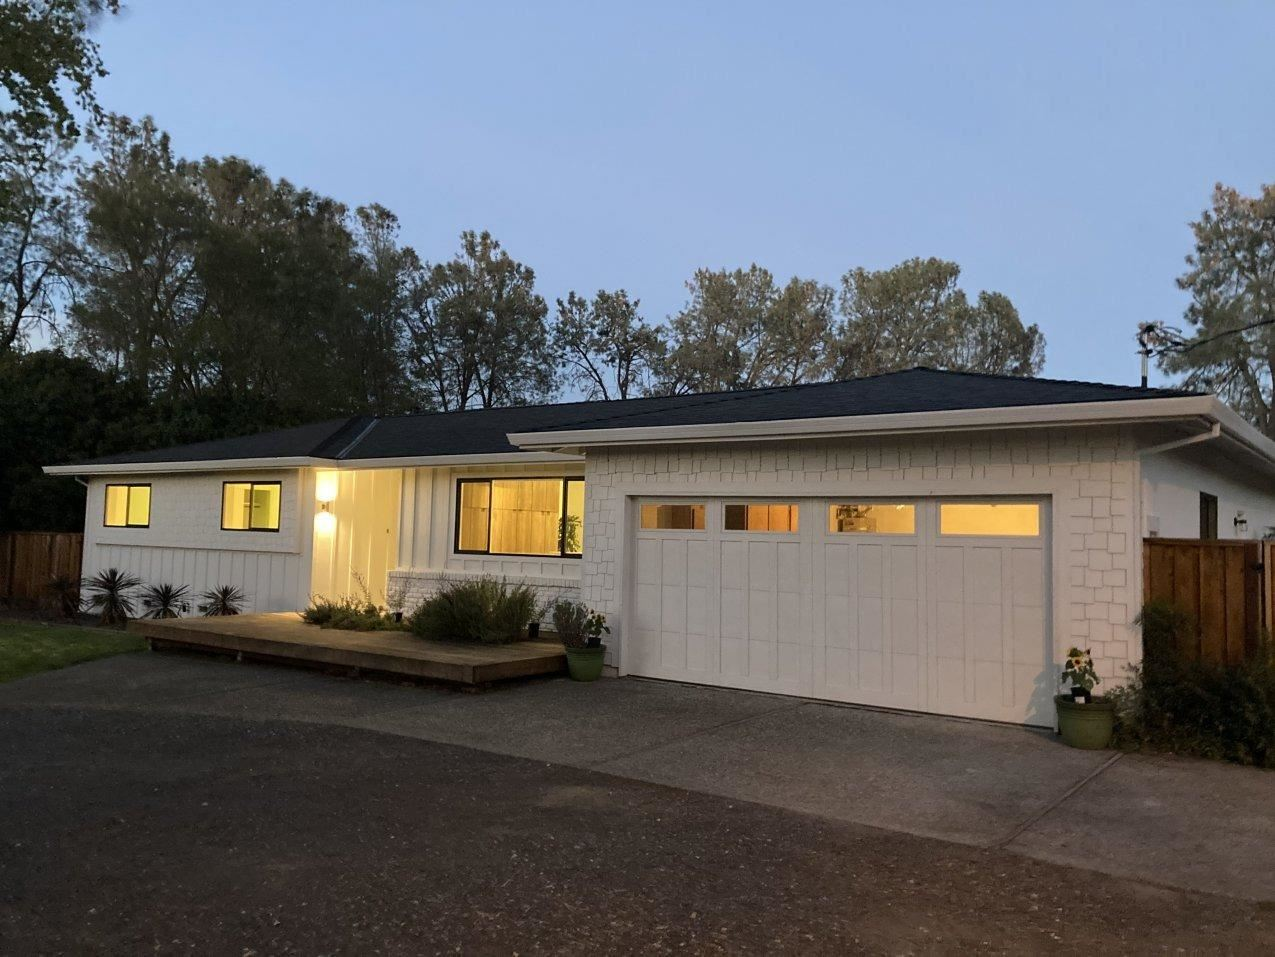 Photo of 7025 Barton Road, Granite Bay, CA 95746 (MLS # 20057995)